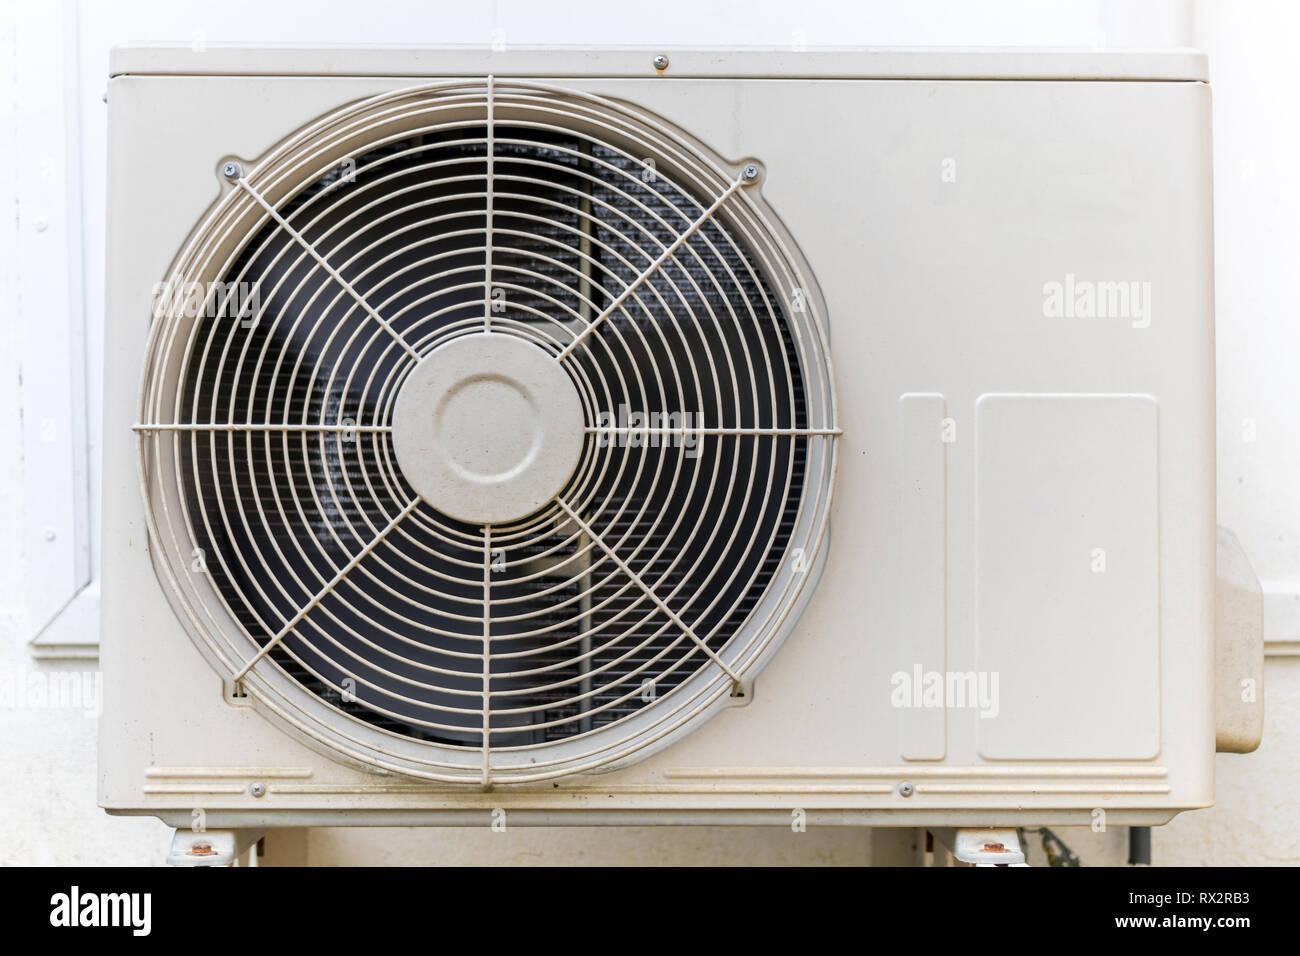 Condenser air conditioner compressor unit on concrete wall. Stock Photo